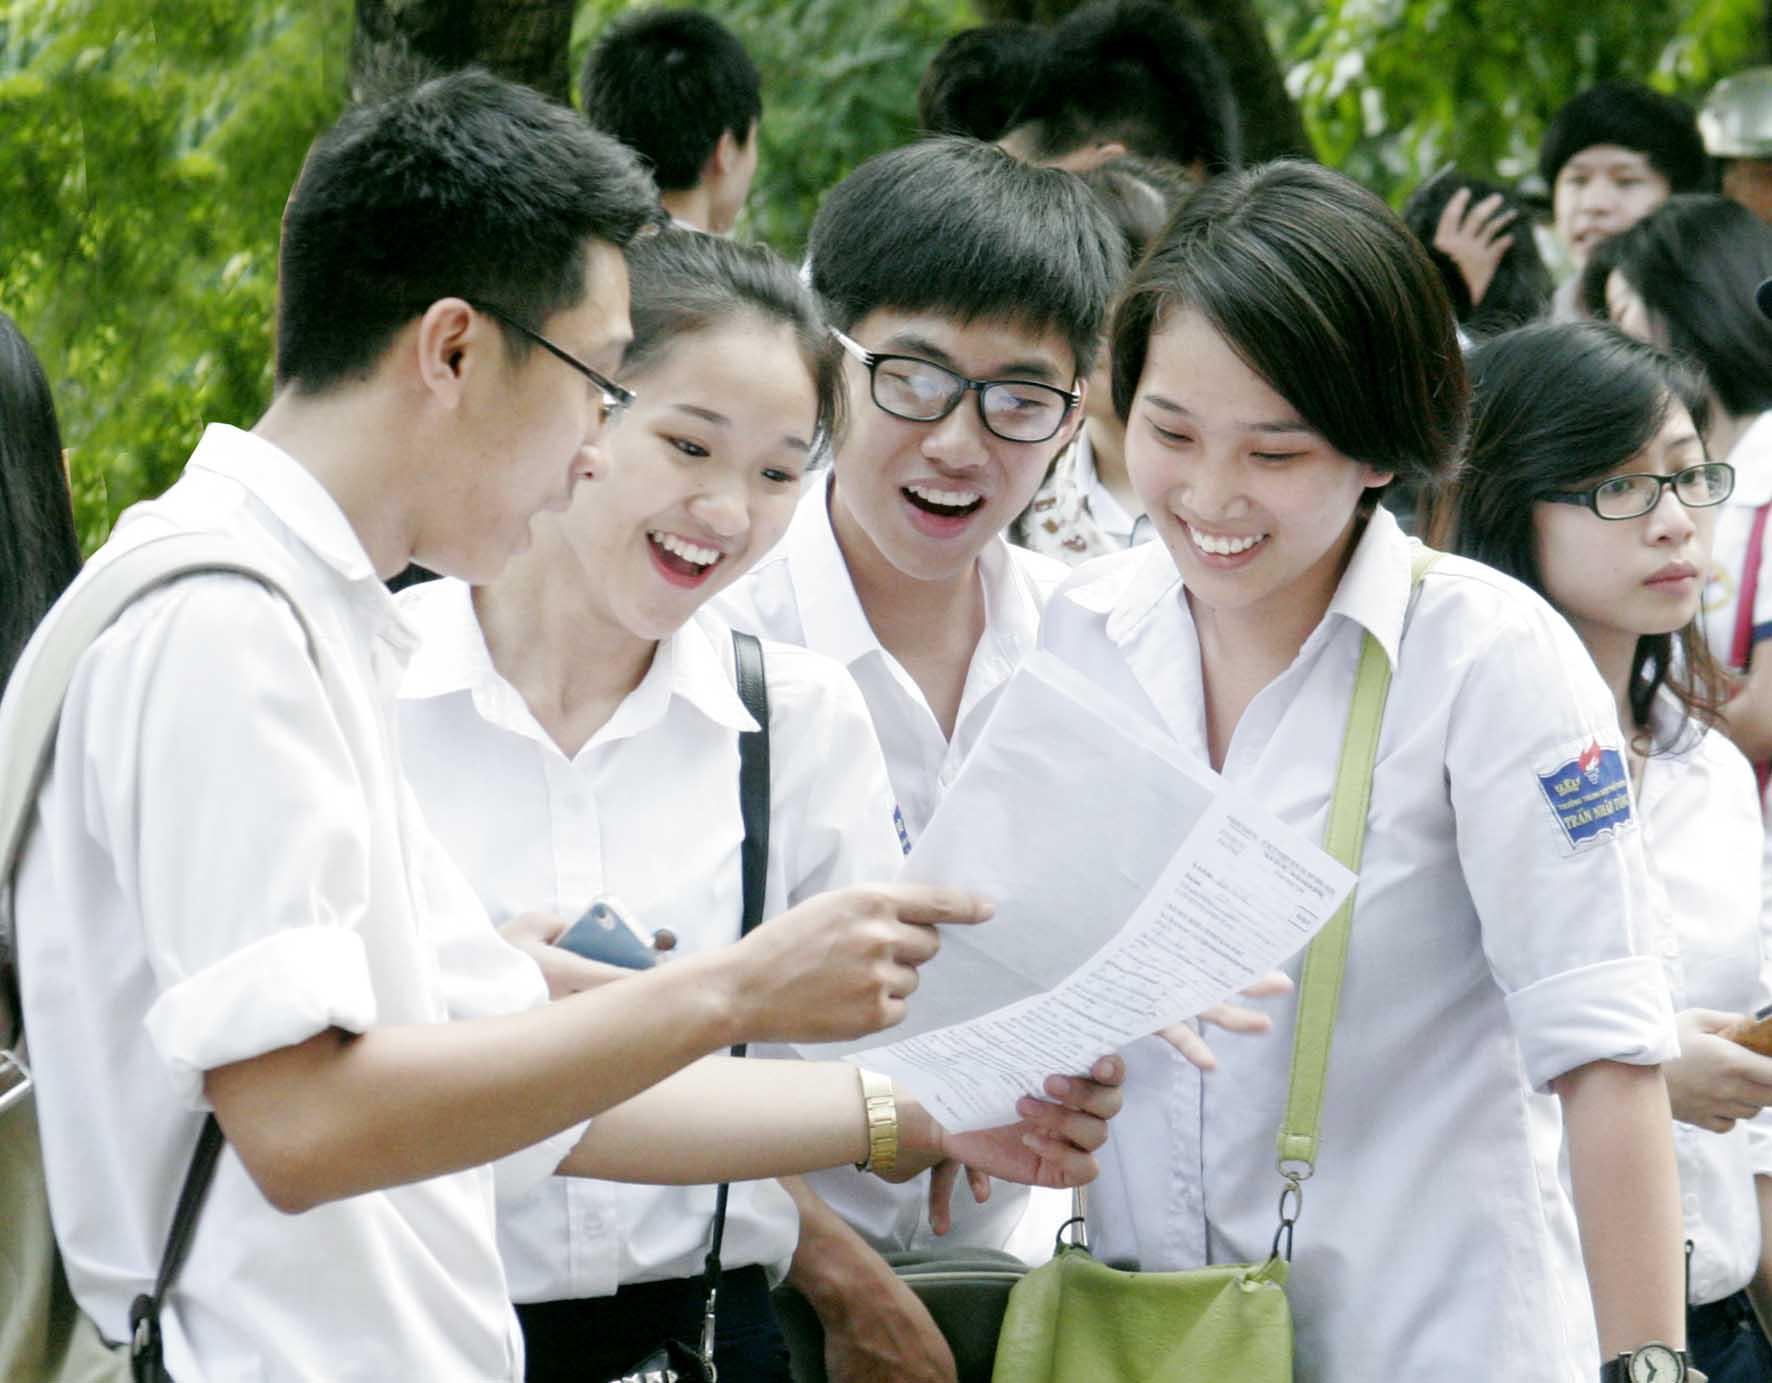 Đề thi giữa học kì 1 lớp 12 môn Tiếng Anh - THPT Trần Nhân Tông năm 2015